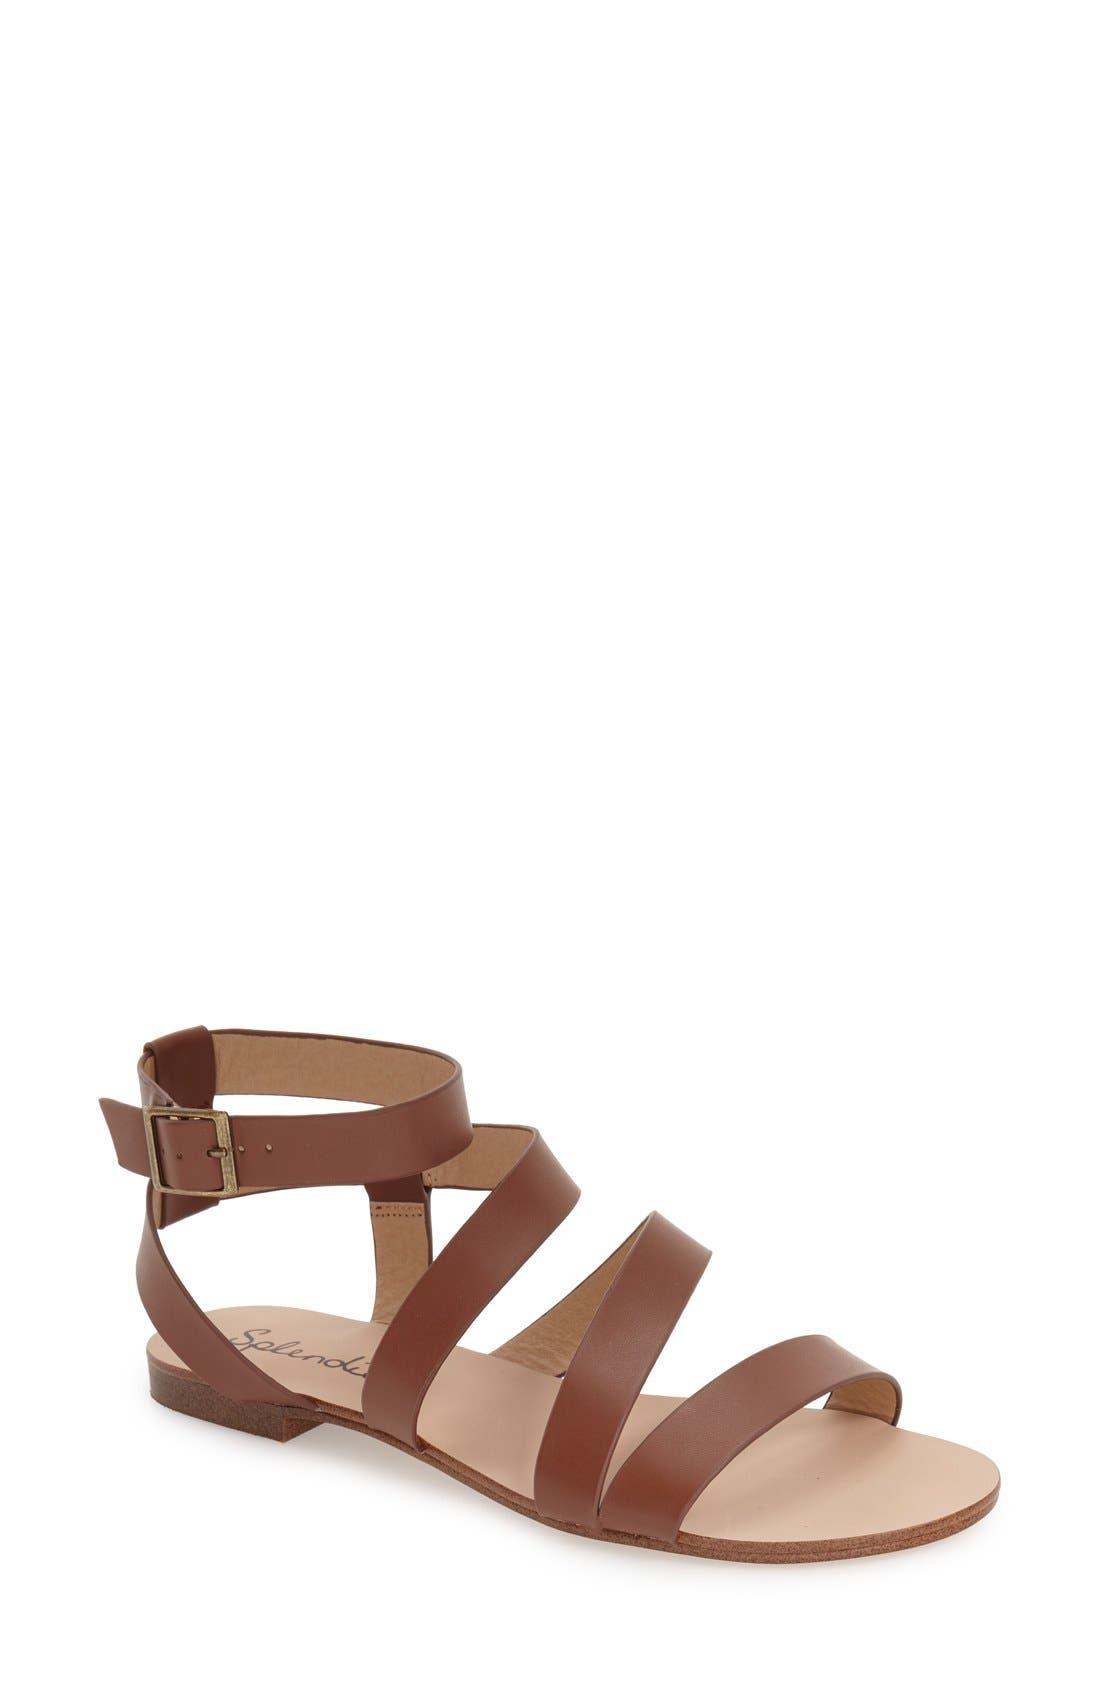 Alternate Image 1 Selected - Splendid 'Caracas' Sandal (Women)